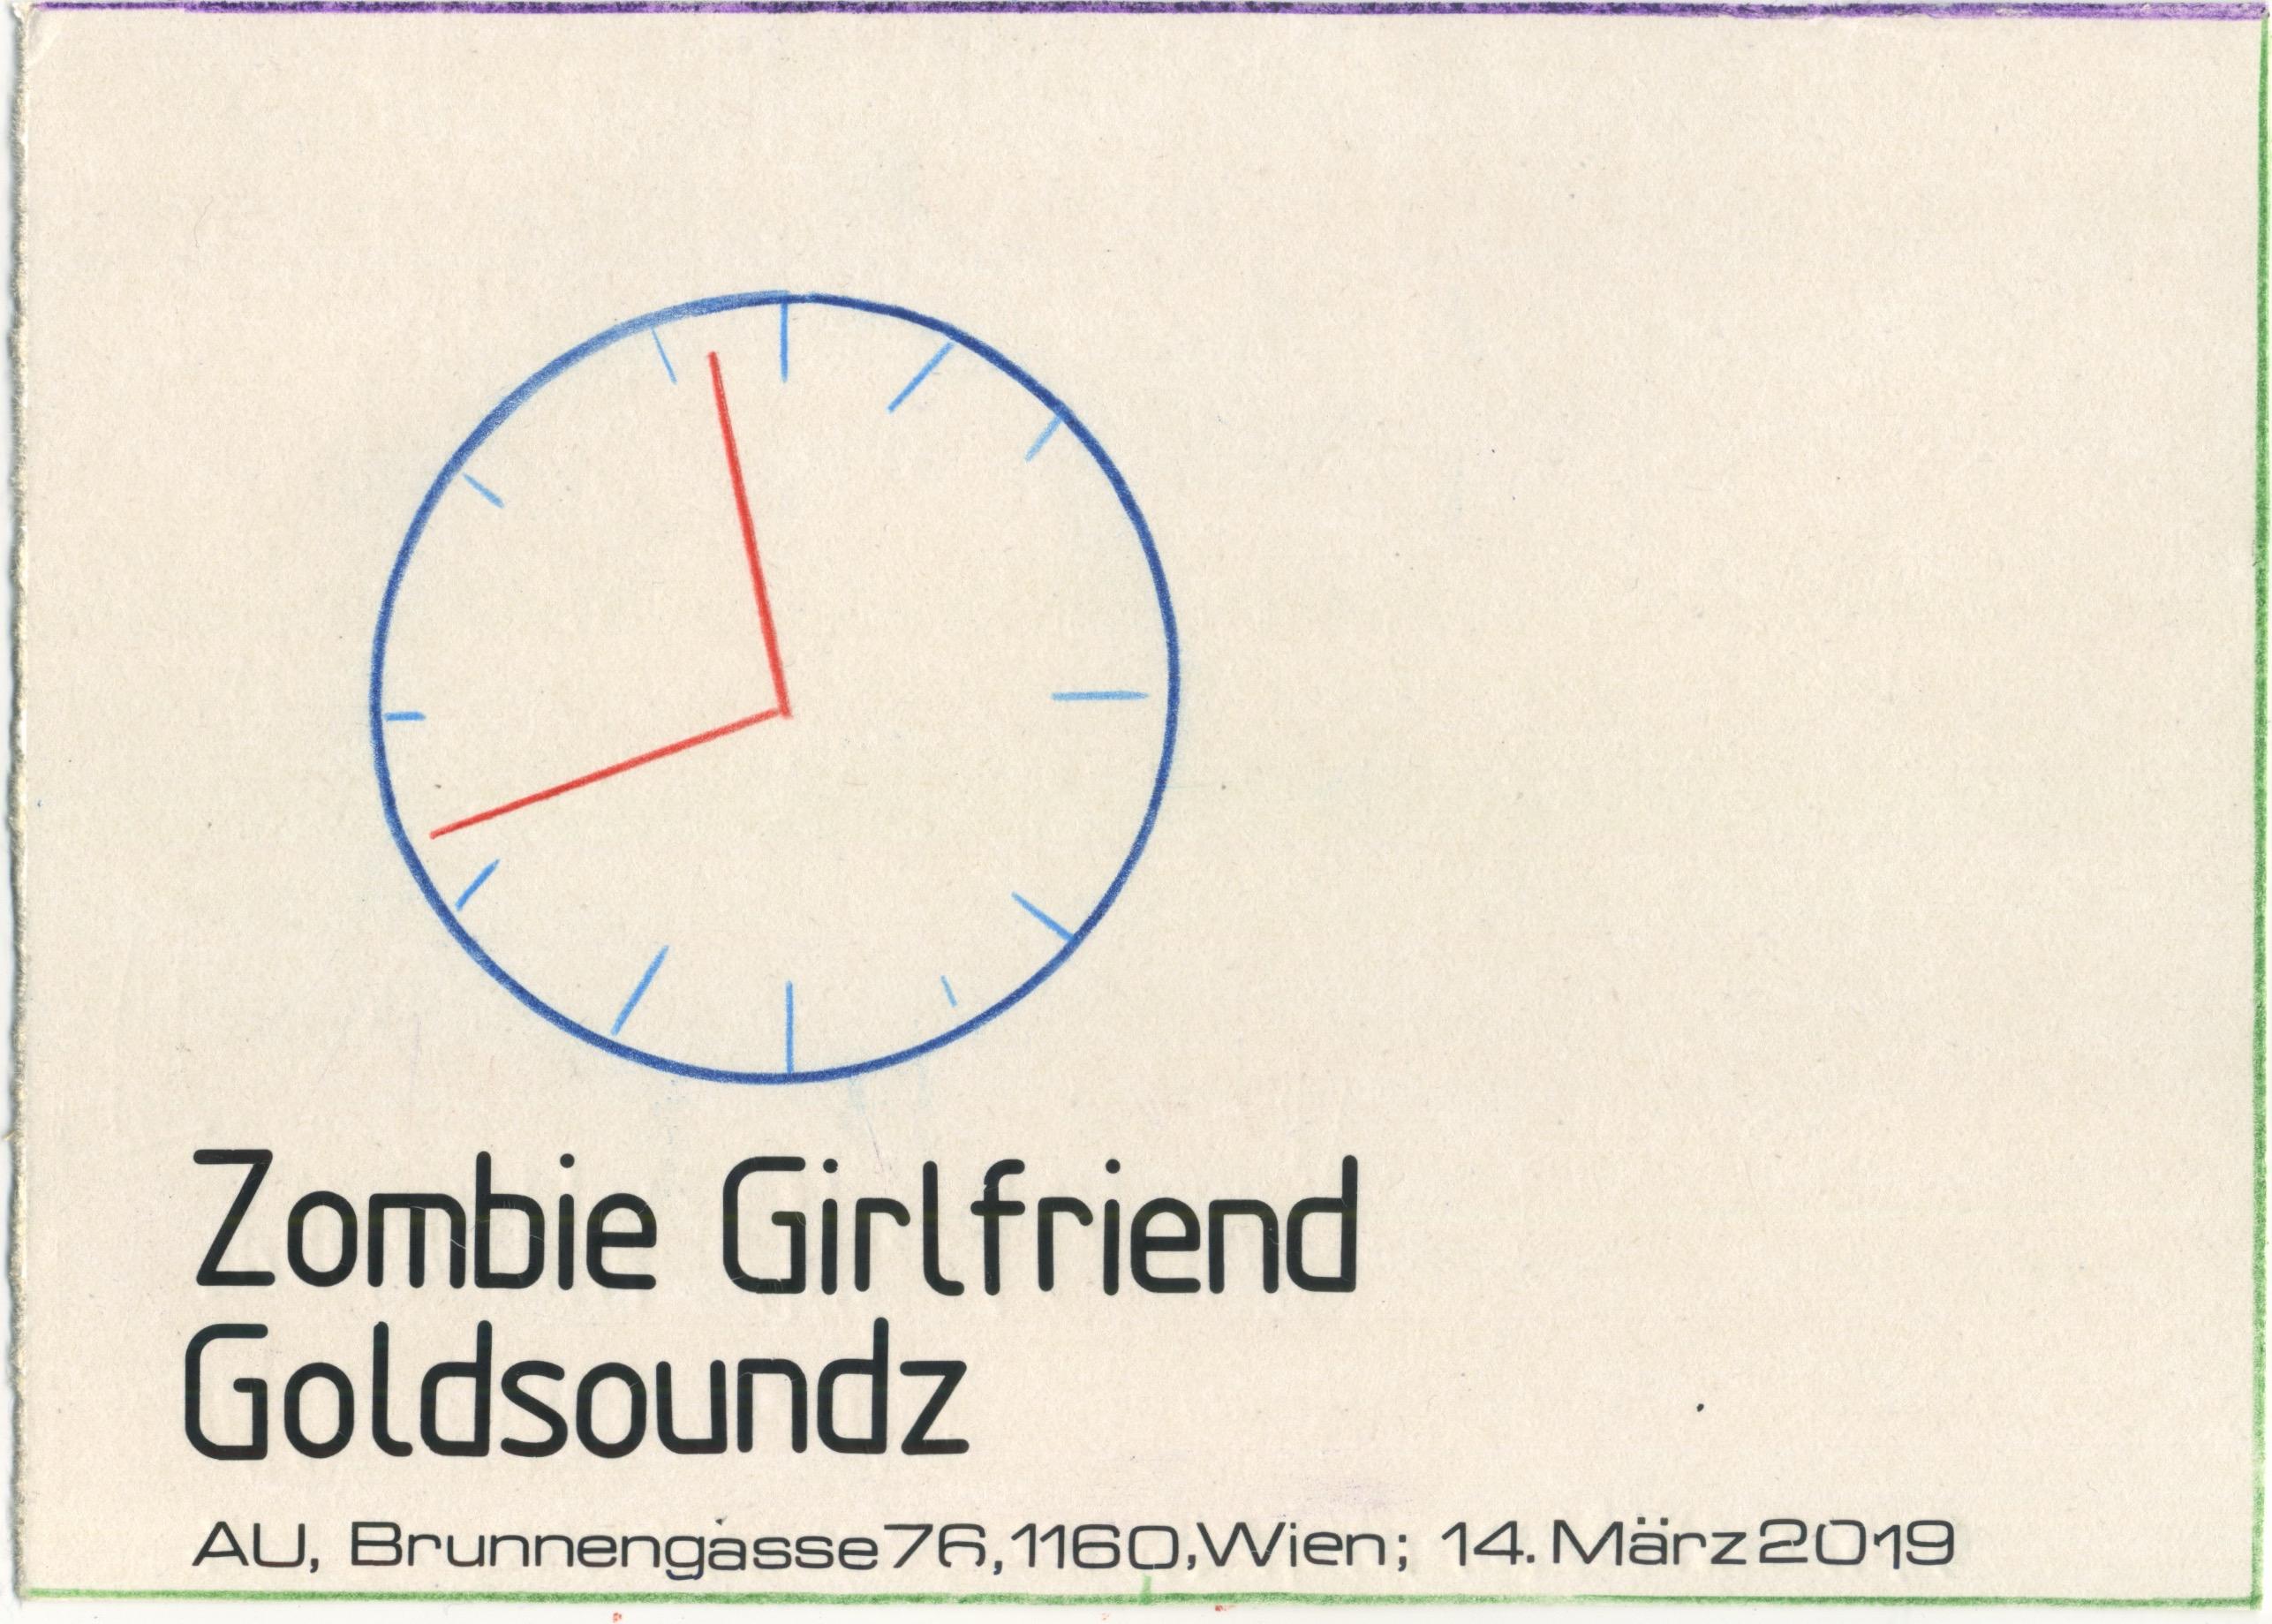 Goldsoundz & Zombie Girlfriend